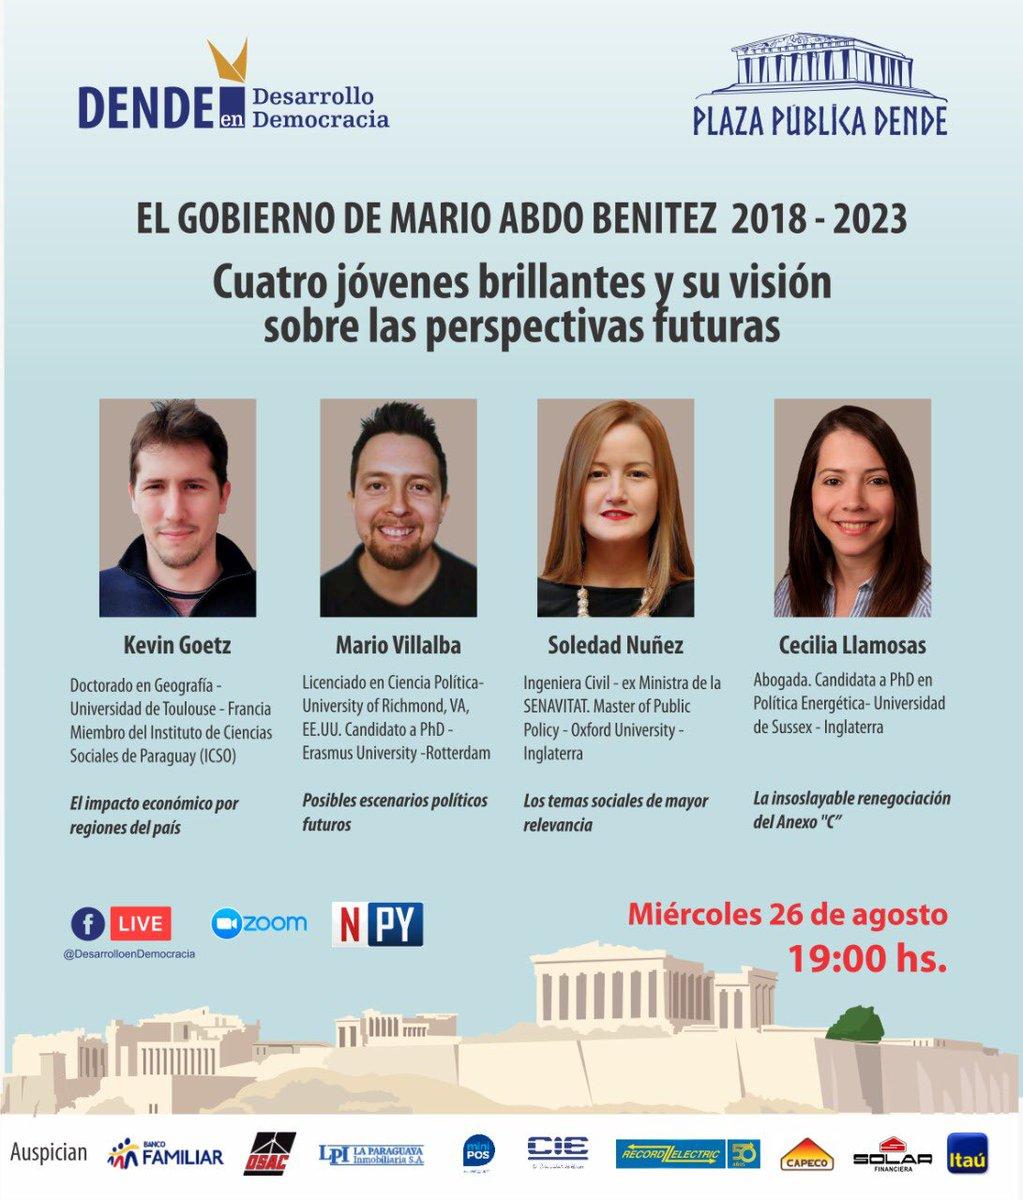 Mañana miércoles 26 de agosto estaré compartiendo con jóvenes talentosos como @solenu, @cecilia_lldp y Kevin Goetz un conversatorio sobre la gestión de @MaritoAbdo y sobre el futuro del #Paraguay. Nos vemos @DendePy! https://t.co/T1oWB9xhC0